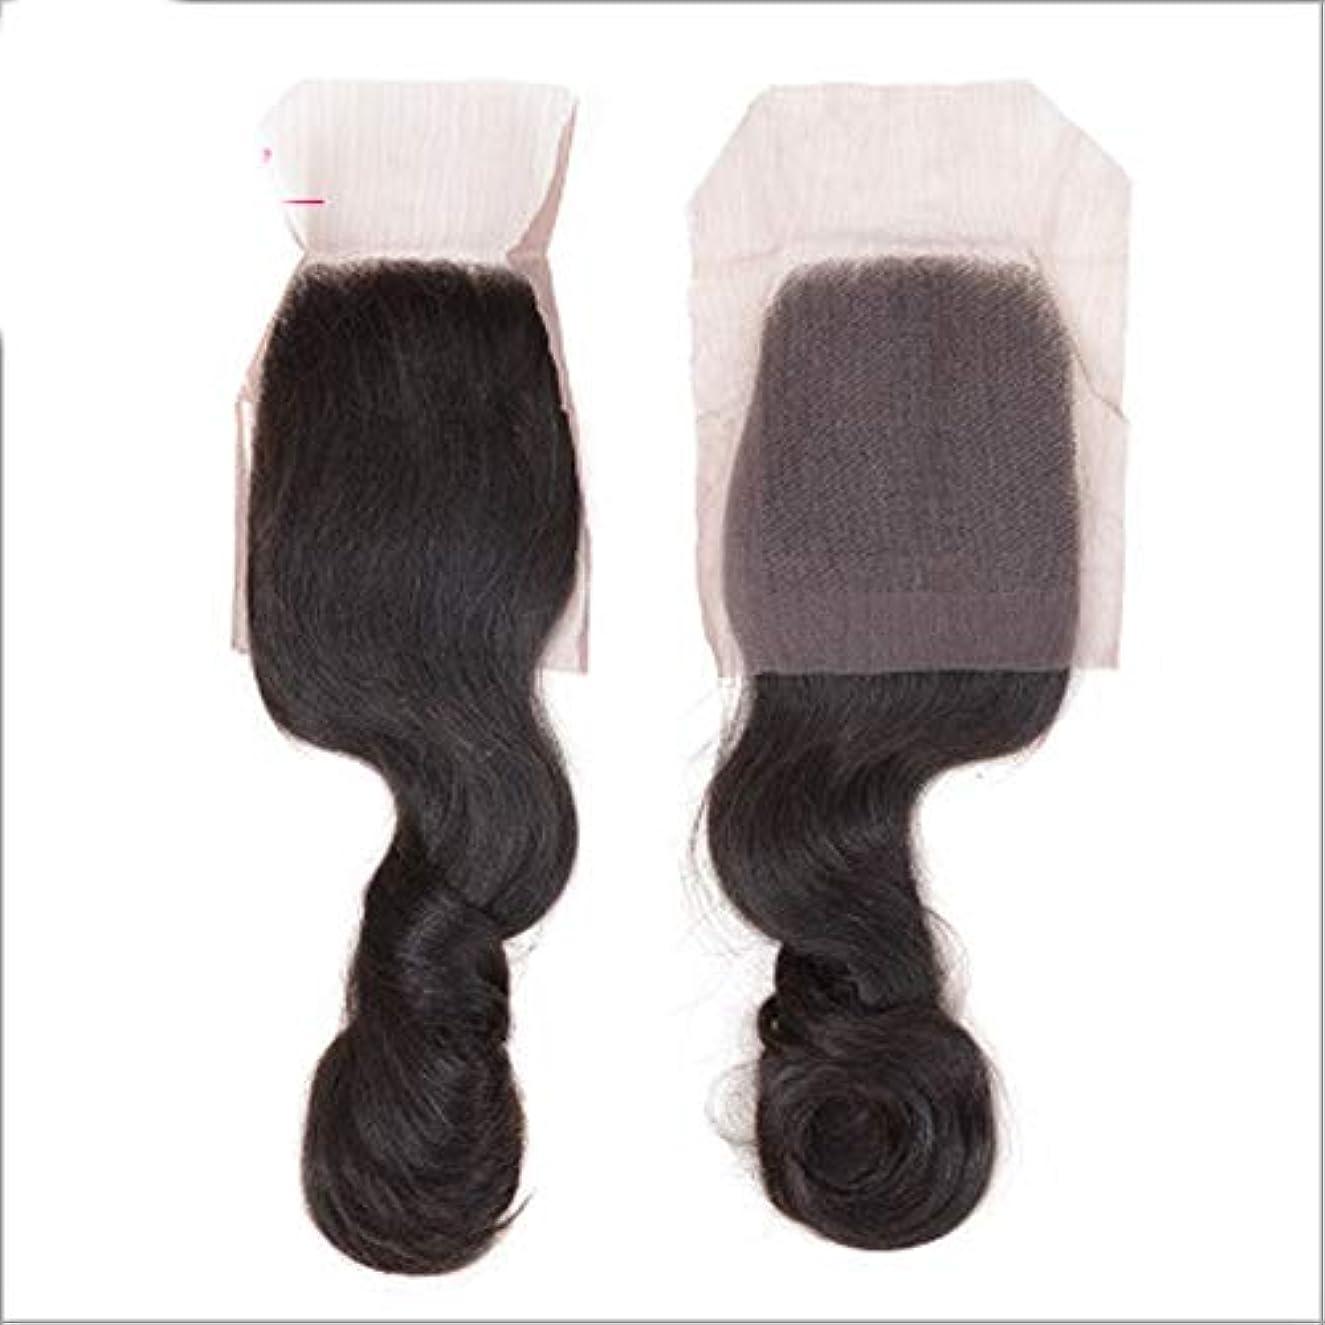 嫌いすでに弁護士HOHYLLYA 巻き毛の束と閉鎖レース前頭4x4ブラジルルースウェーブ髪100%人毛織りエクステンションナチュラルブラックコンポジットヘアレースかつらロールプレイングかつら (色 : 黒, サイズ : 12 inch)